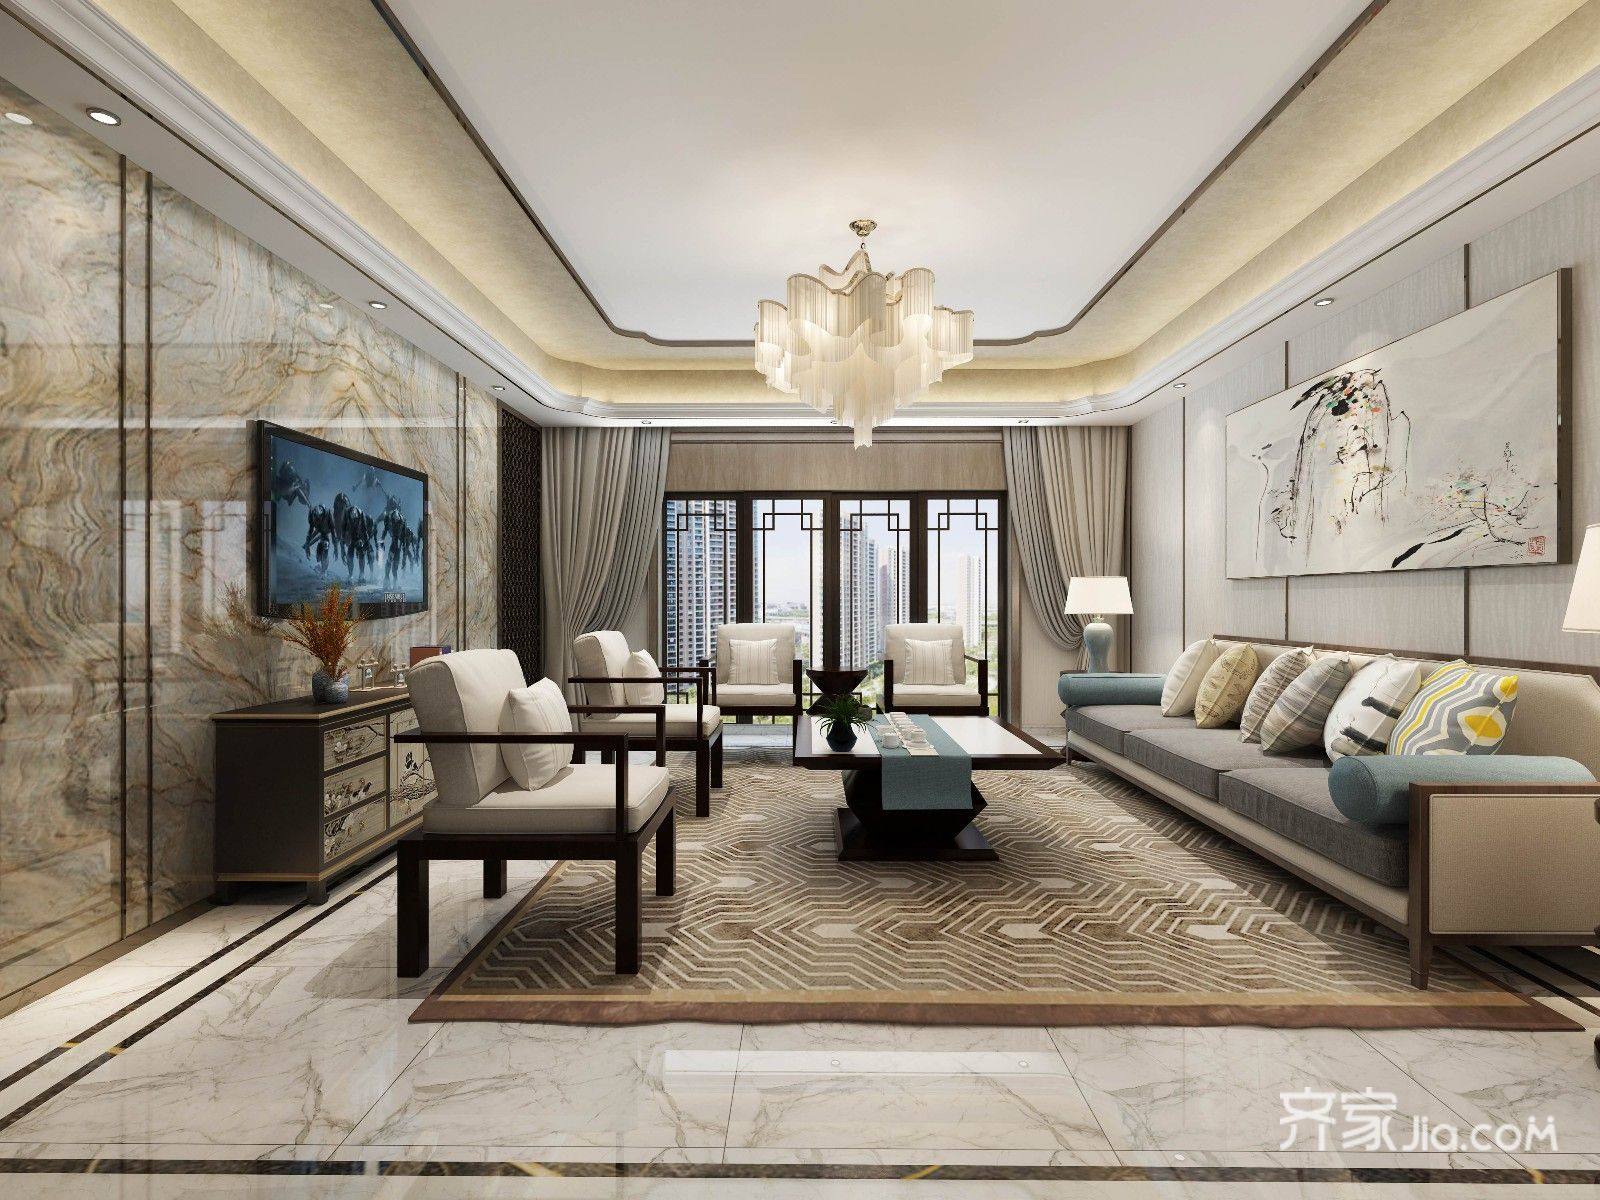 新中式大户型客厅装修设计效果图